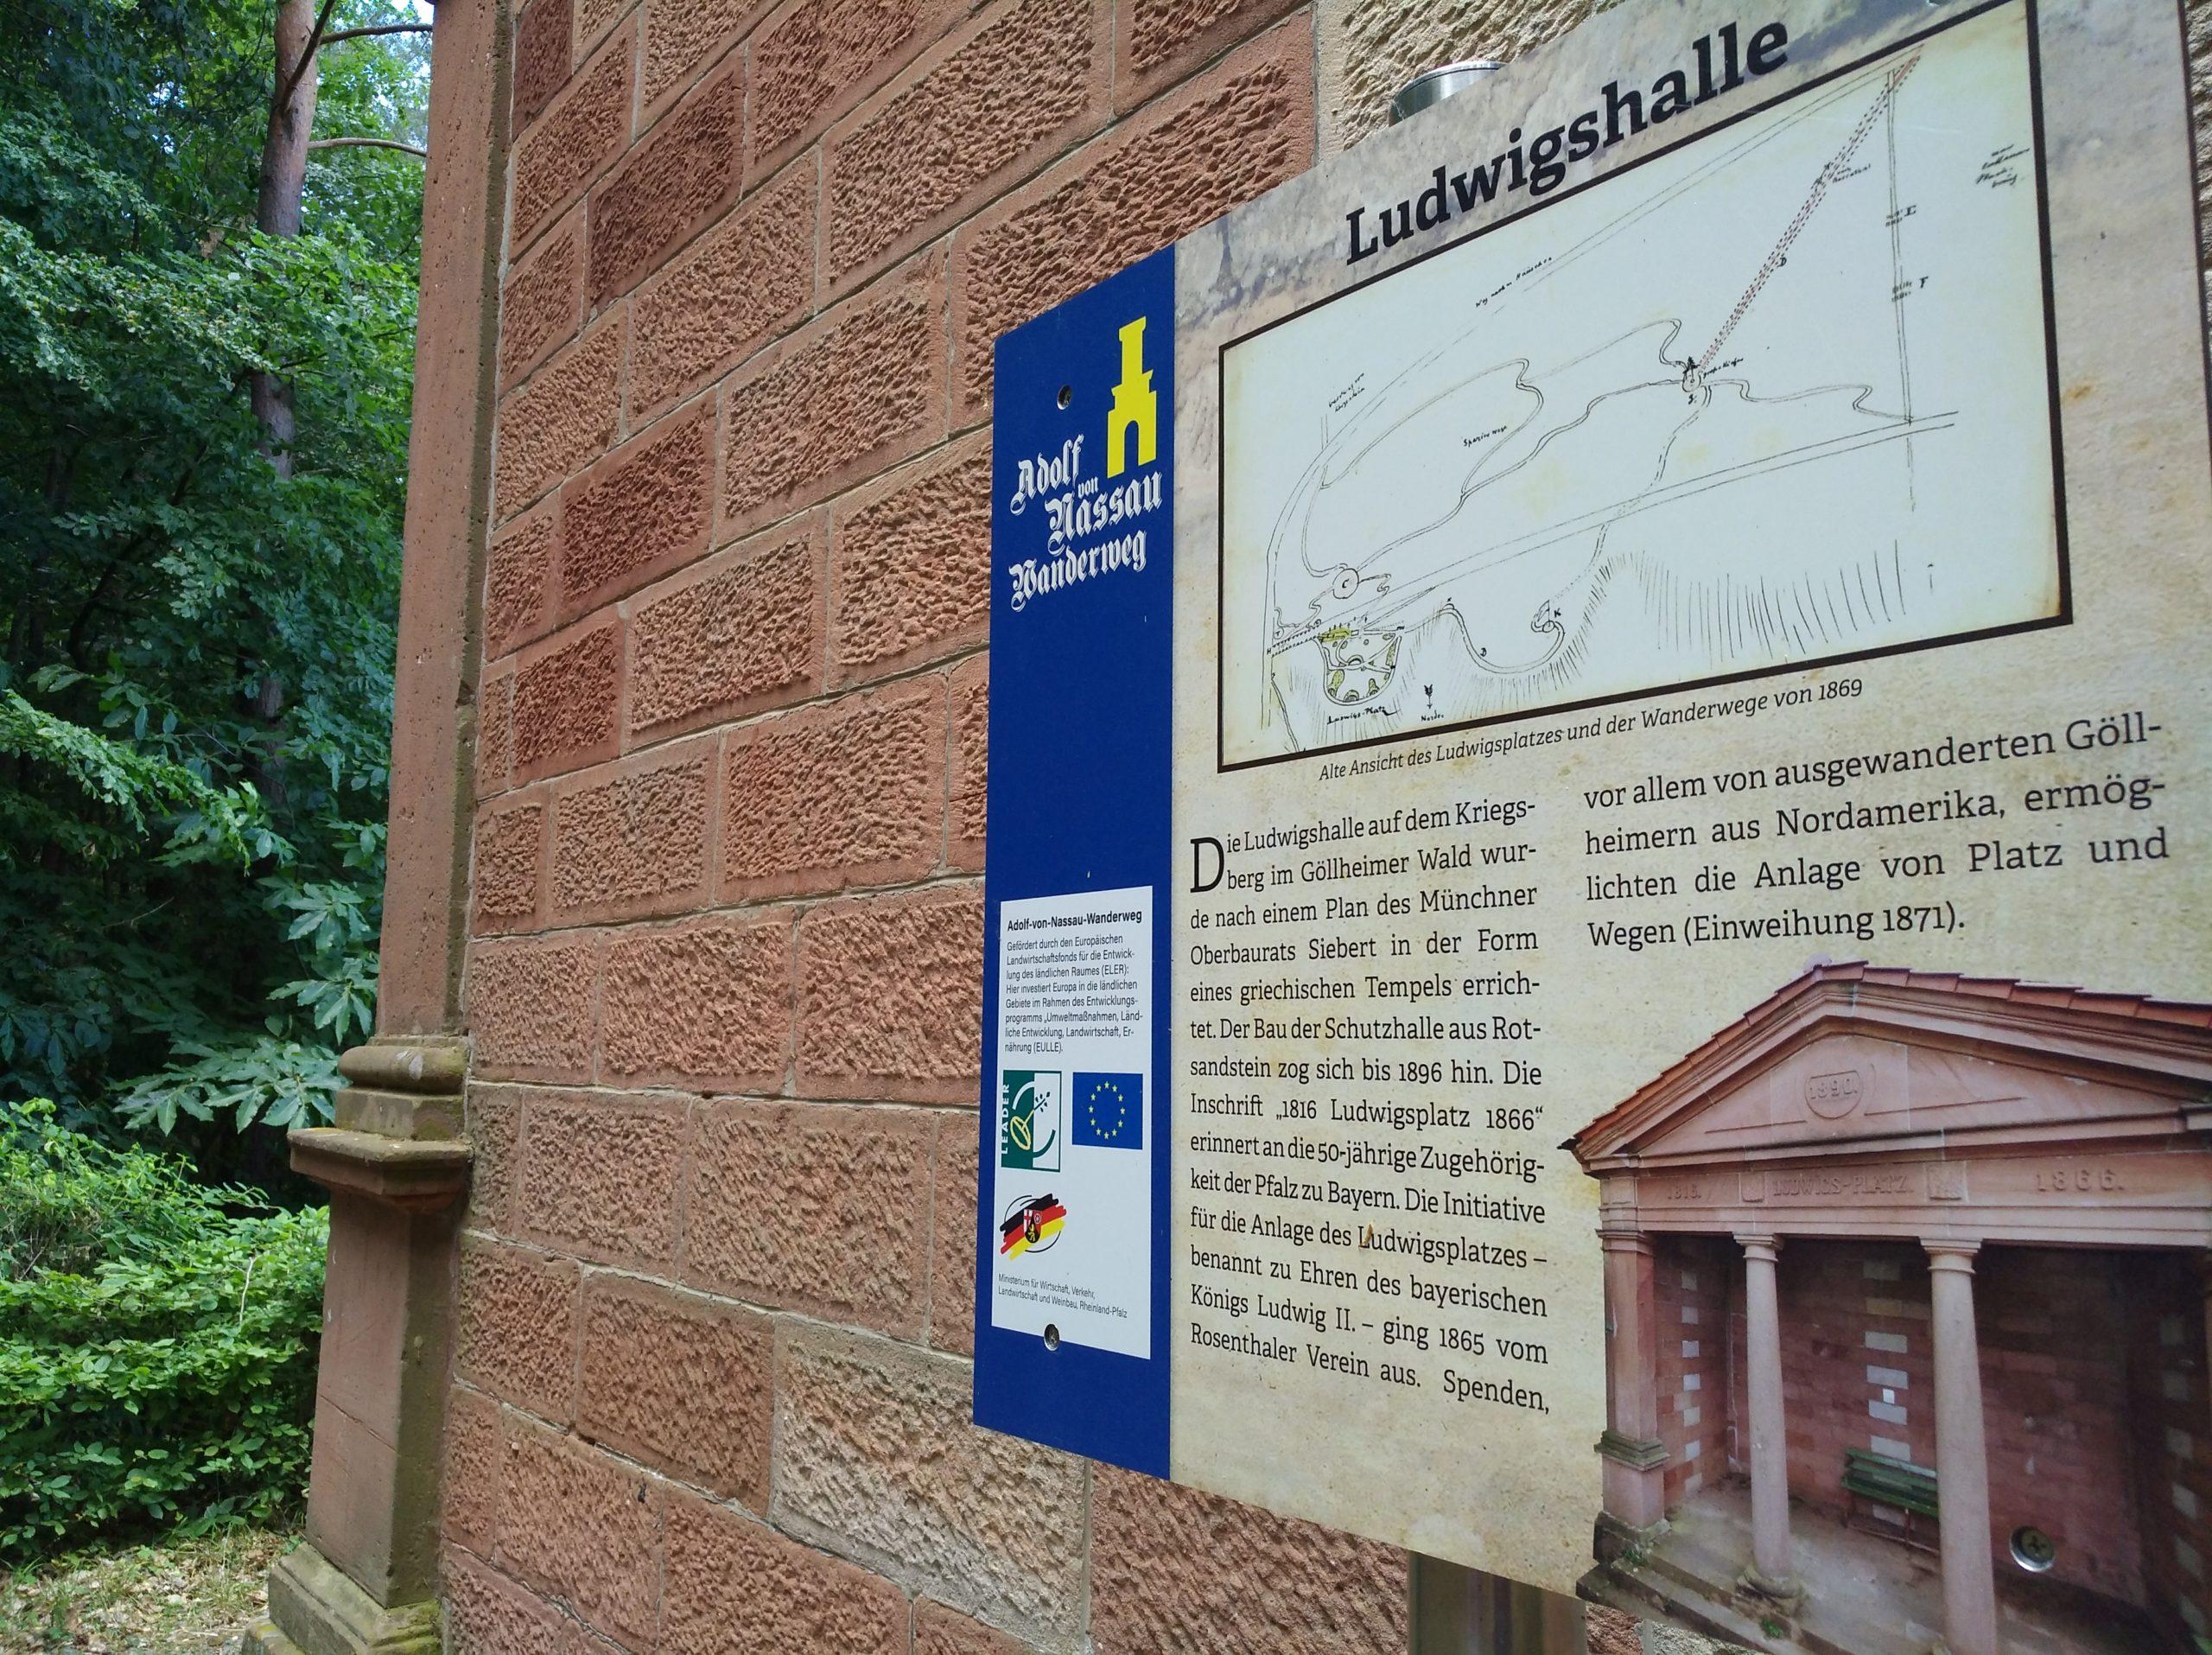 """Premiumwanderweg """"Adolf von Nassau Wanderweg"""" in der VG Göllheim"""